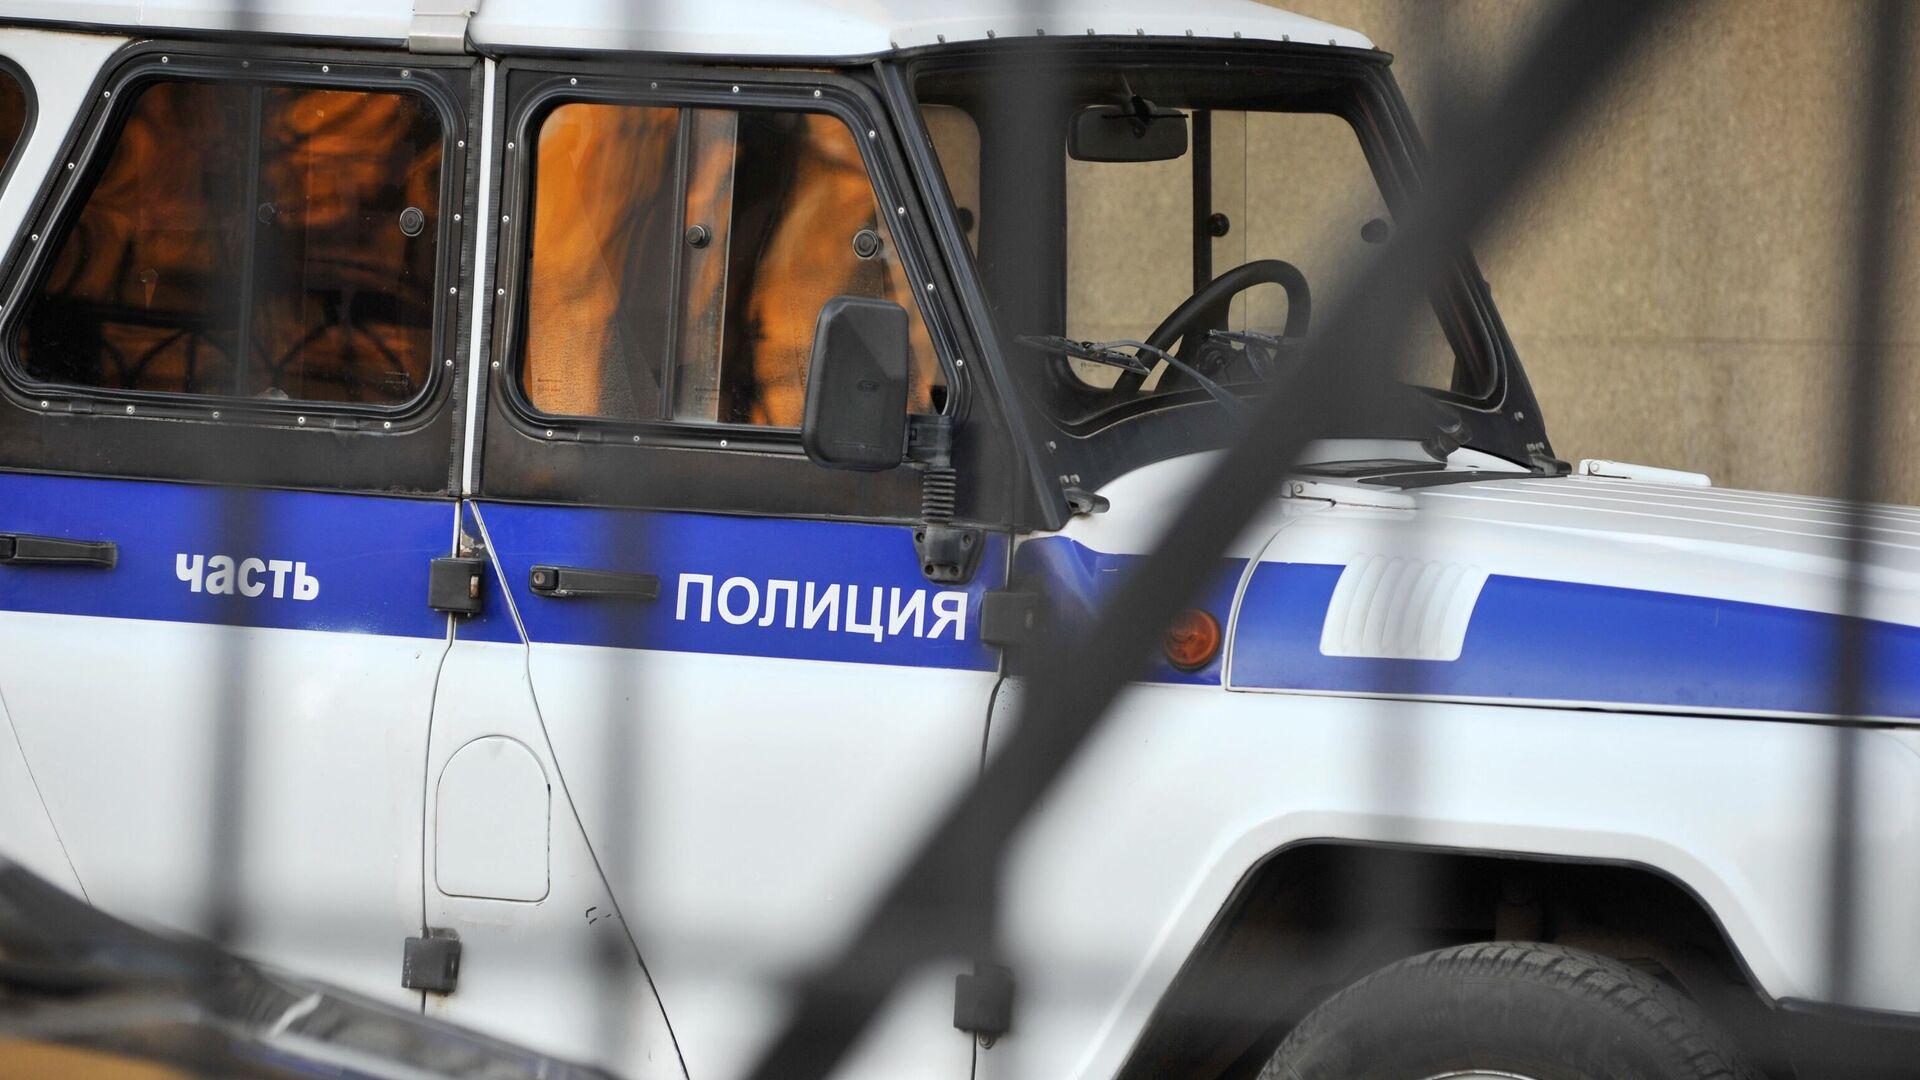 Полицейский автомобиль - РИА Новости, 1920, 26.10.2020